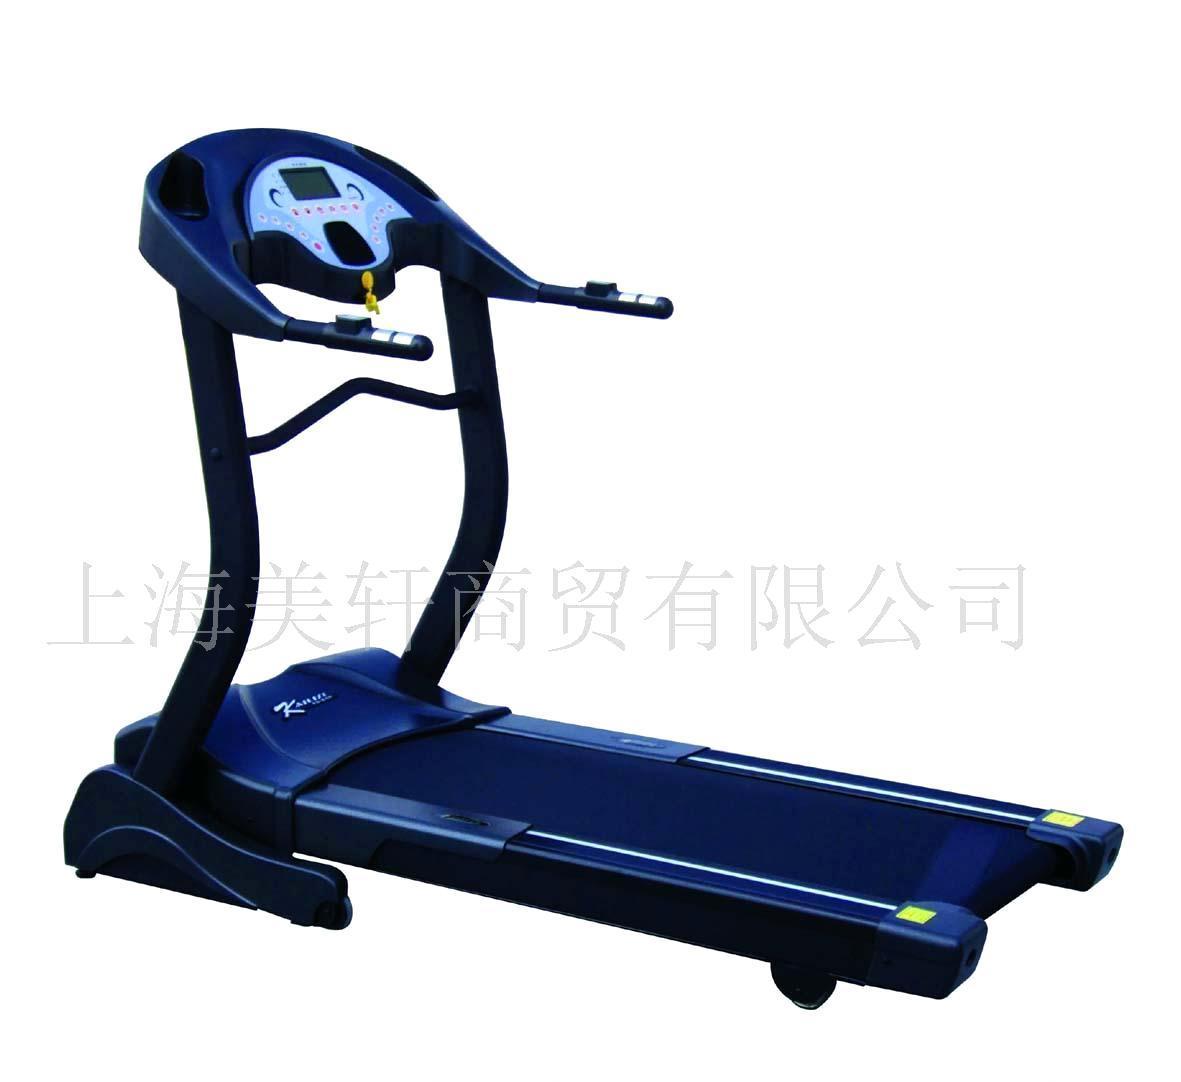 跑步机 健身器材图片